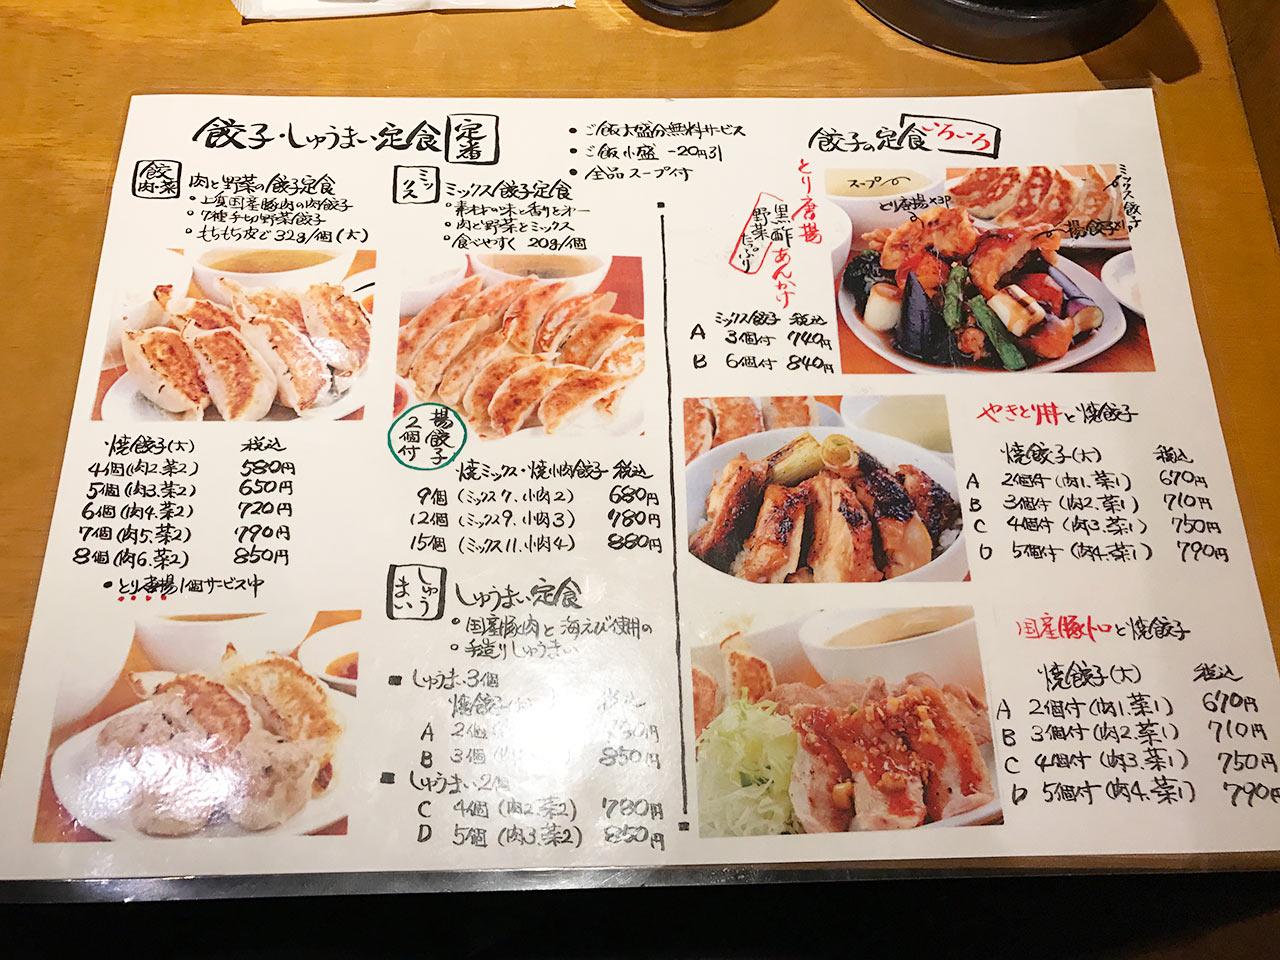 shibuya-mushiyaki-menu02